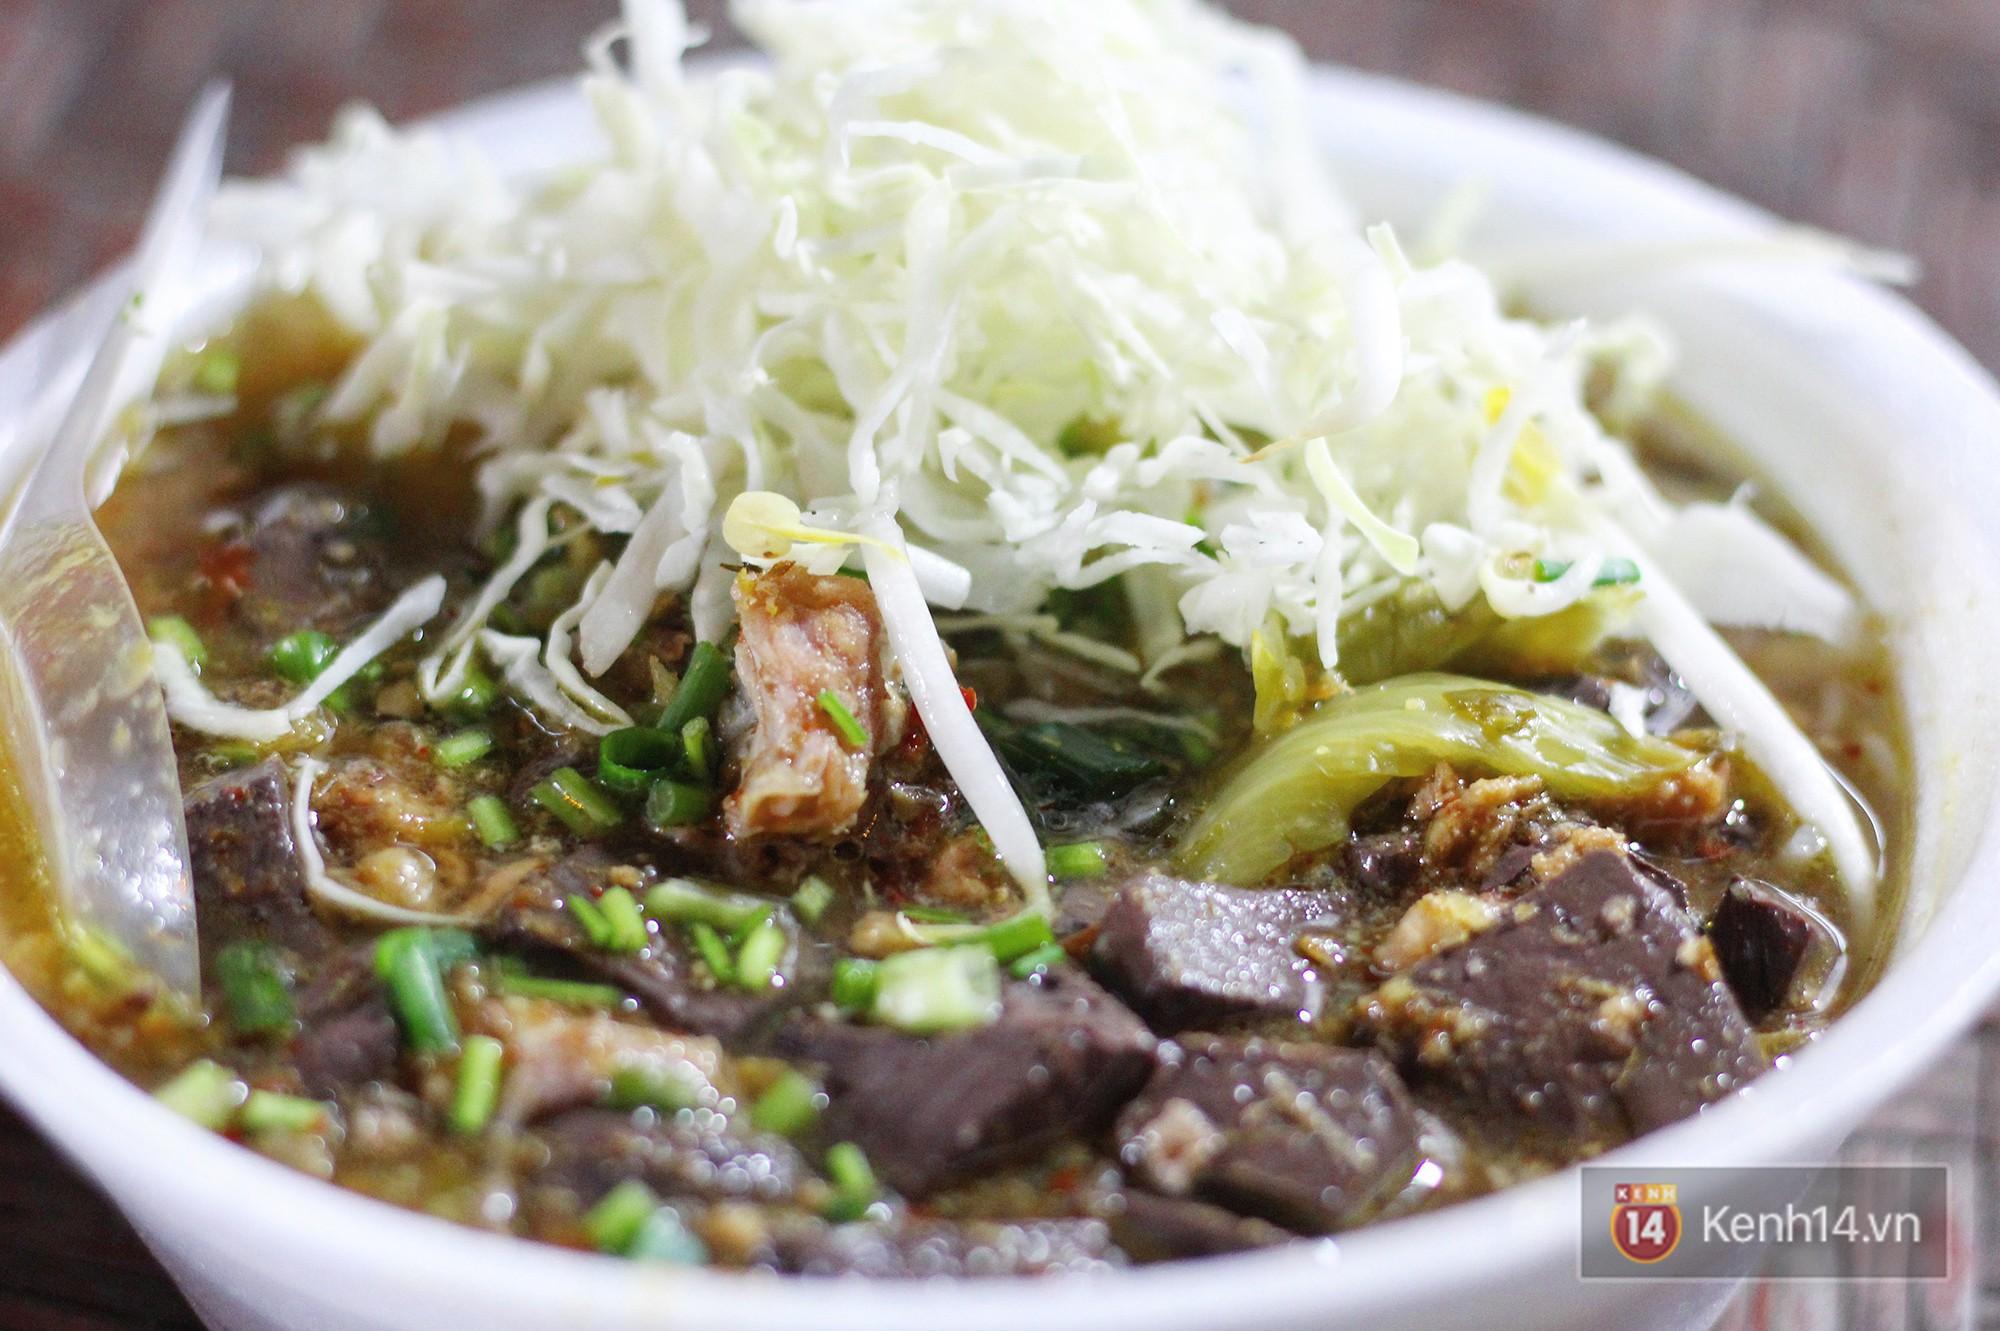 Chẳng phải Bangkok, Chiang Mai mới là điểm đến được giới trẻ Việt ghé thăm nhiều nhất mấy ngày nghỉ lễ - Ảnh 26.